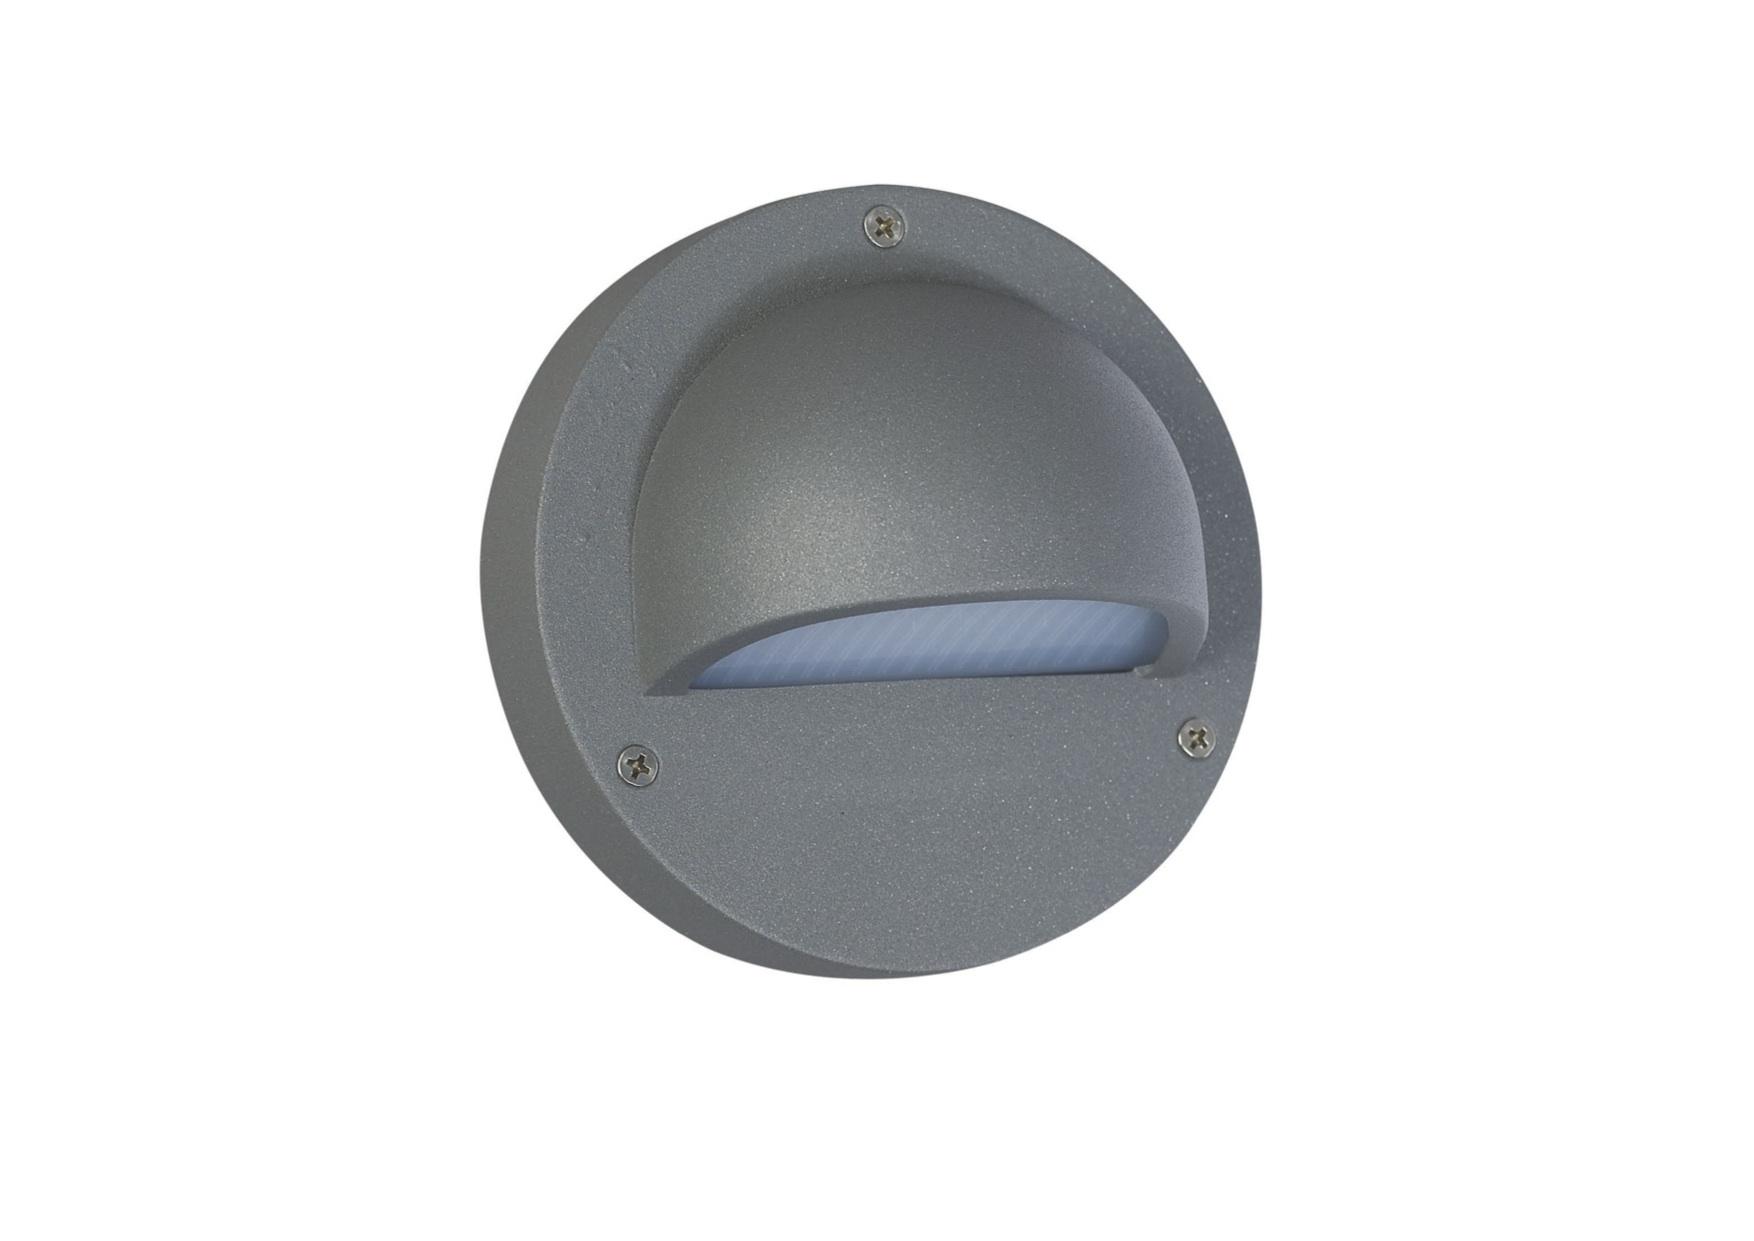 Applique de jardin led 12v stanley 1 5 w easy connect - Eclairage exterieur basse tension ...